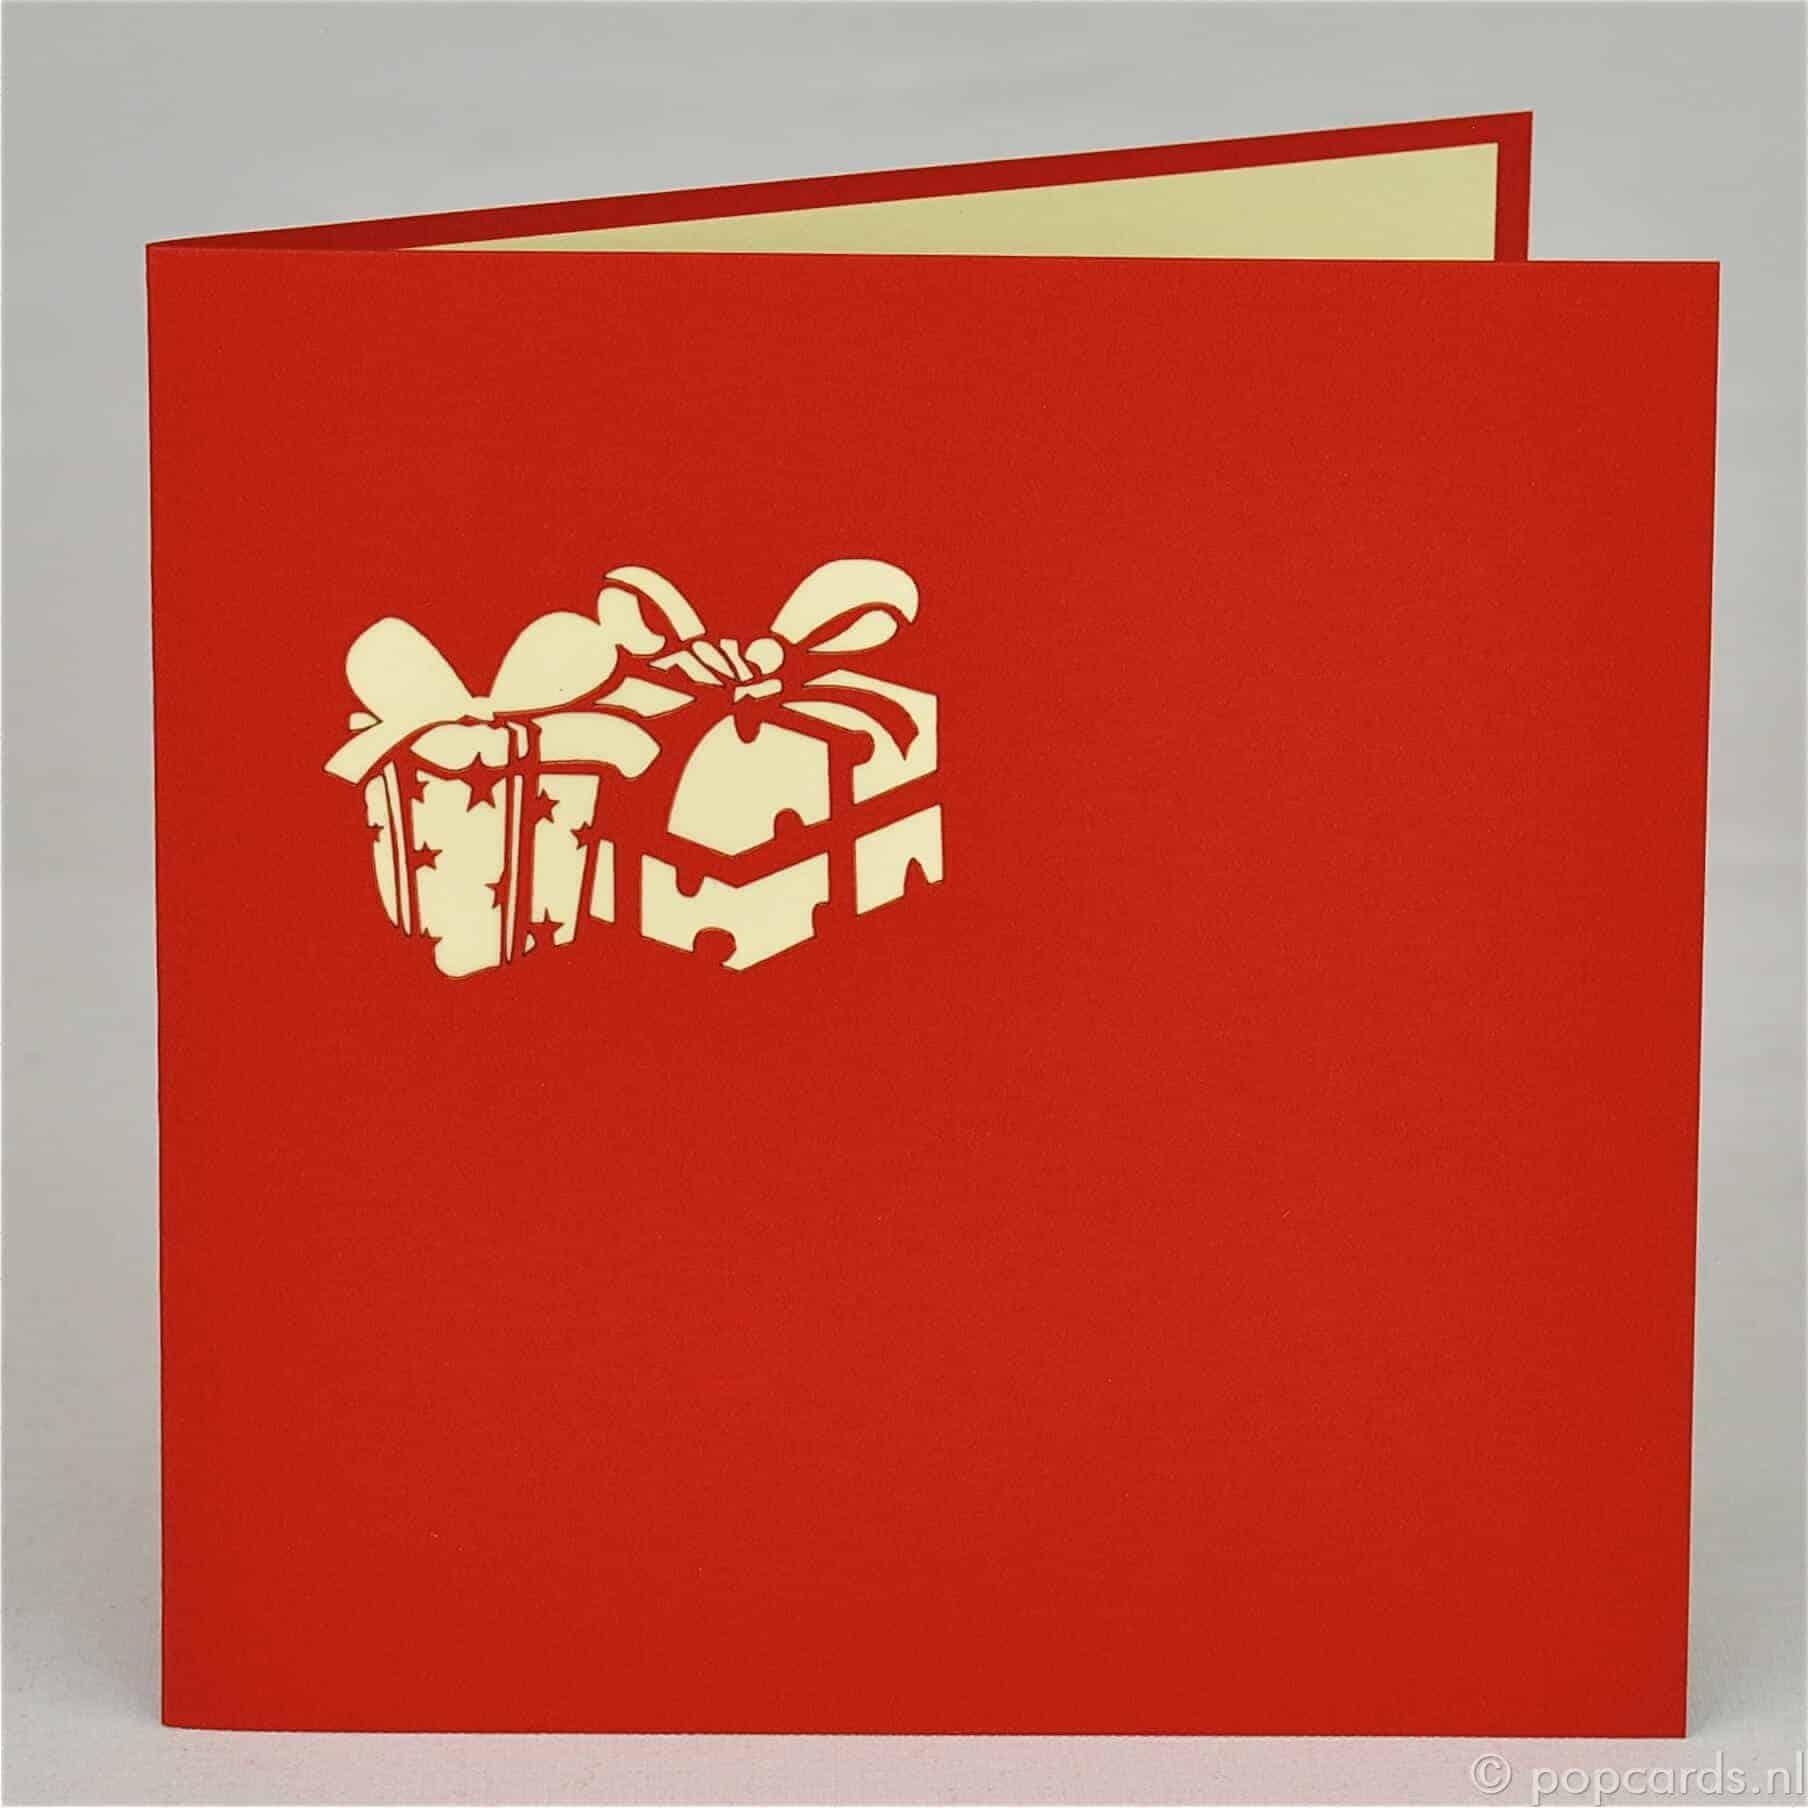 Cadeautje In Vrolijke Kleuren Wenskaart Popcardsnl Pop Up Kaarten